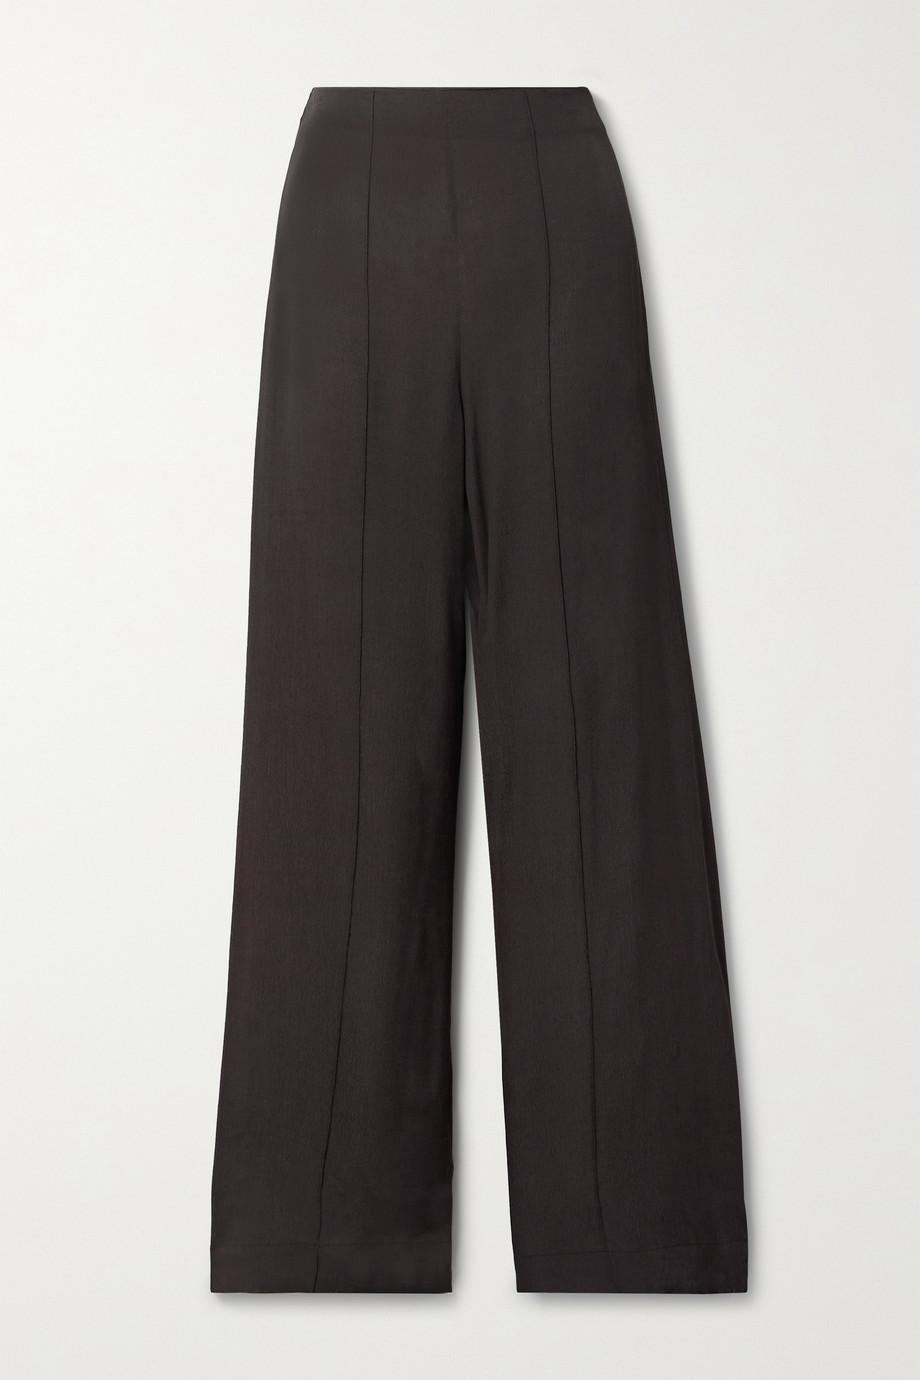 Haight Vanessa crepe wide-leg pants